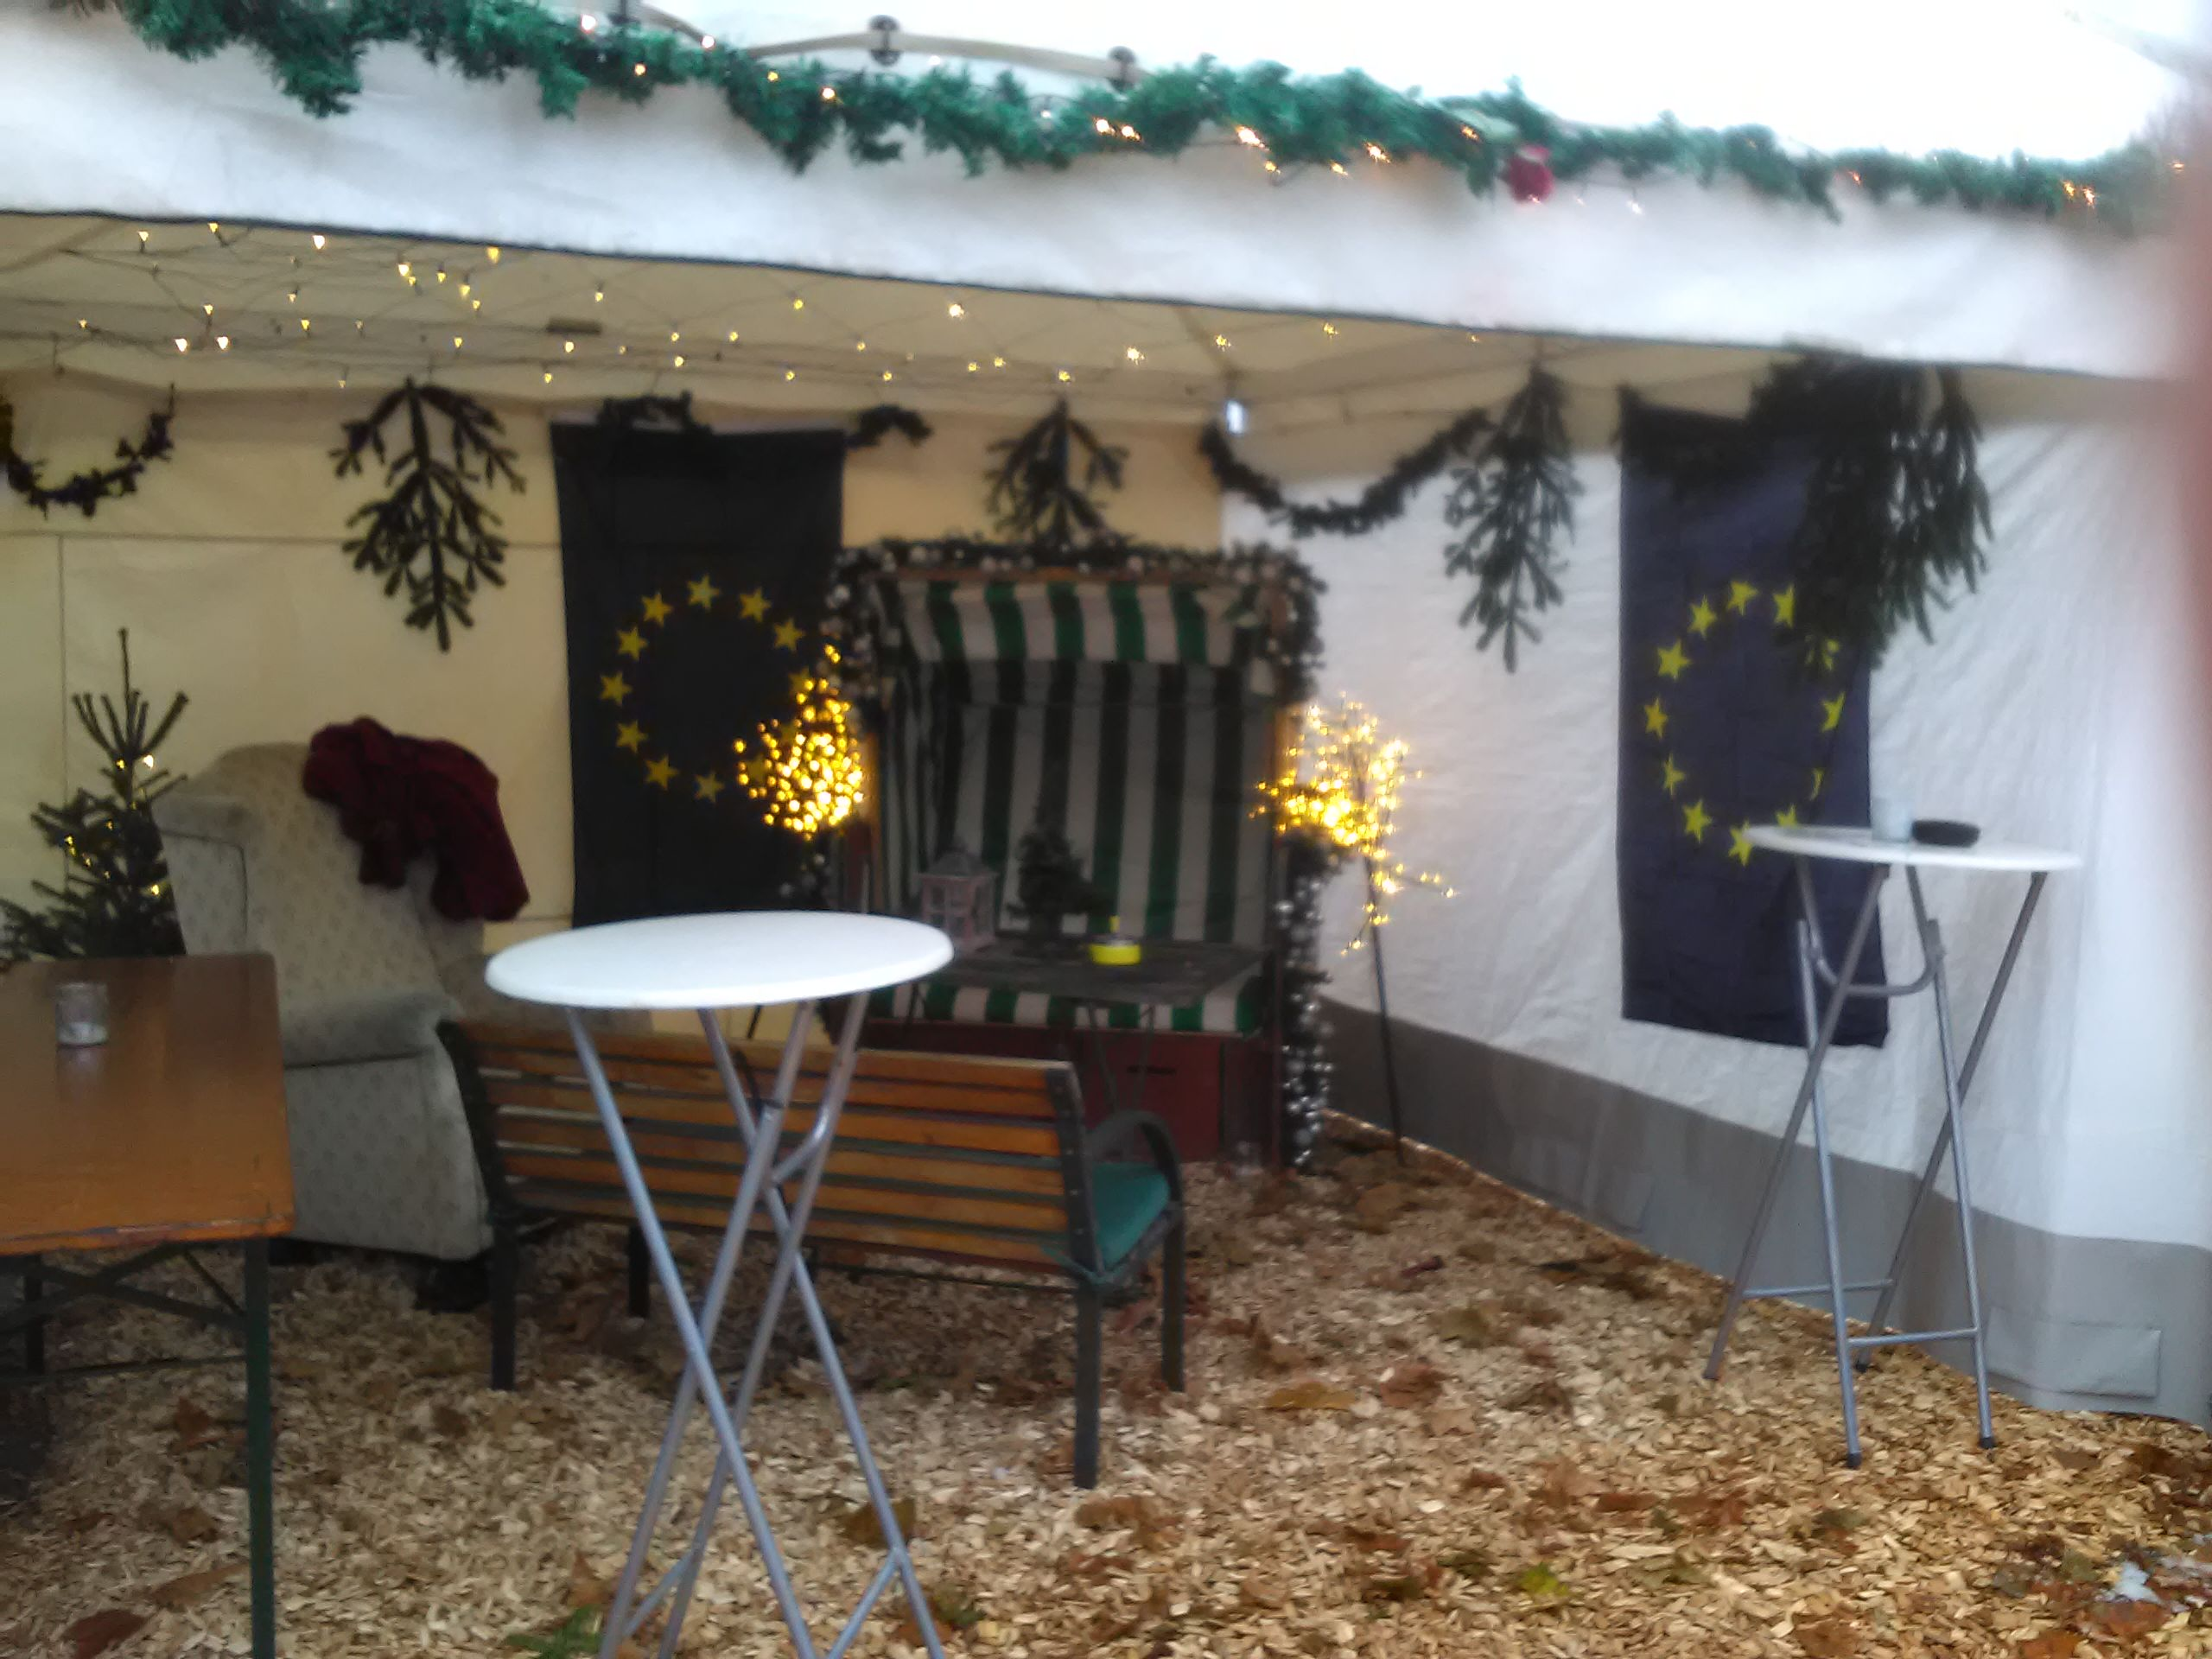 Weihnachtsmarkt-EU-14.12.2018-3